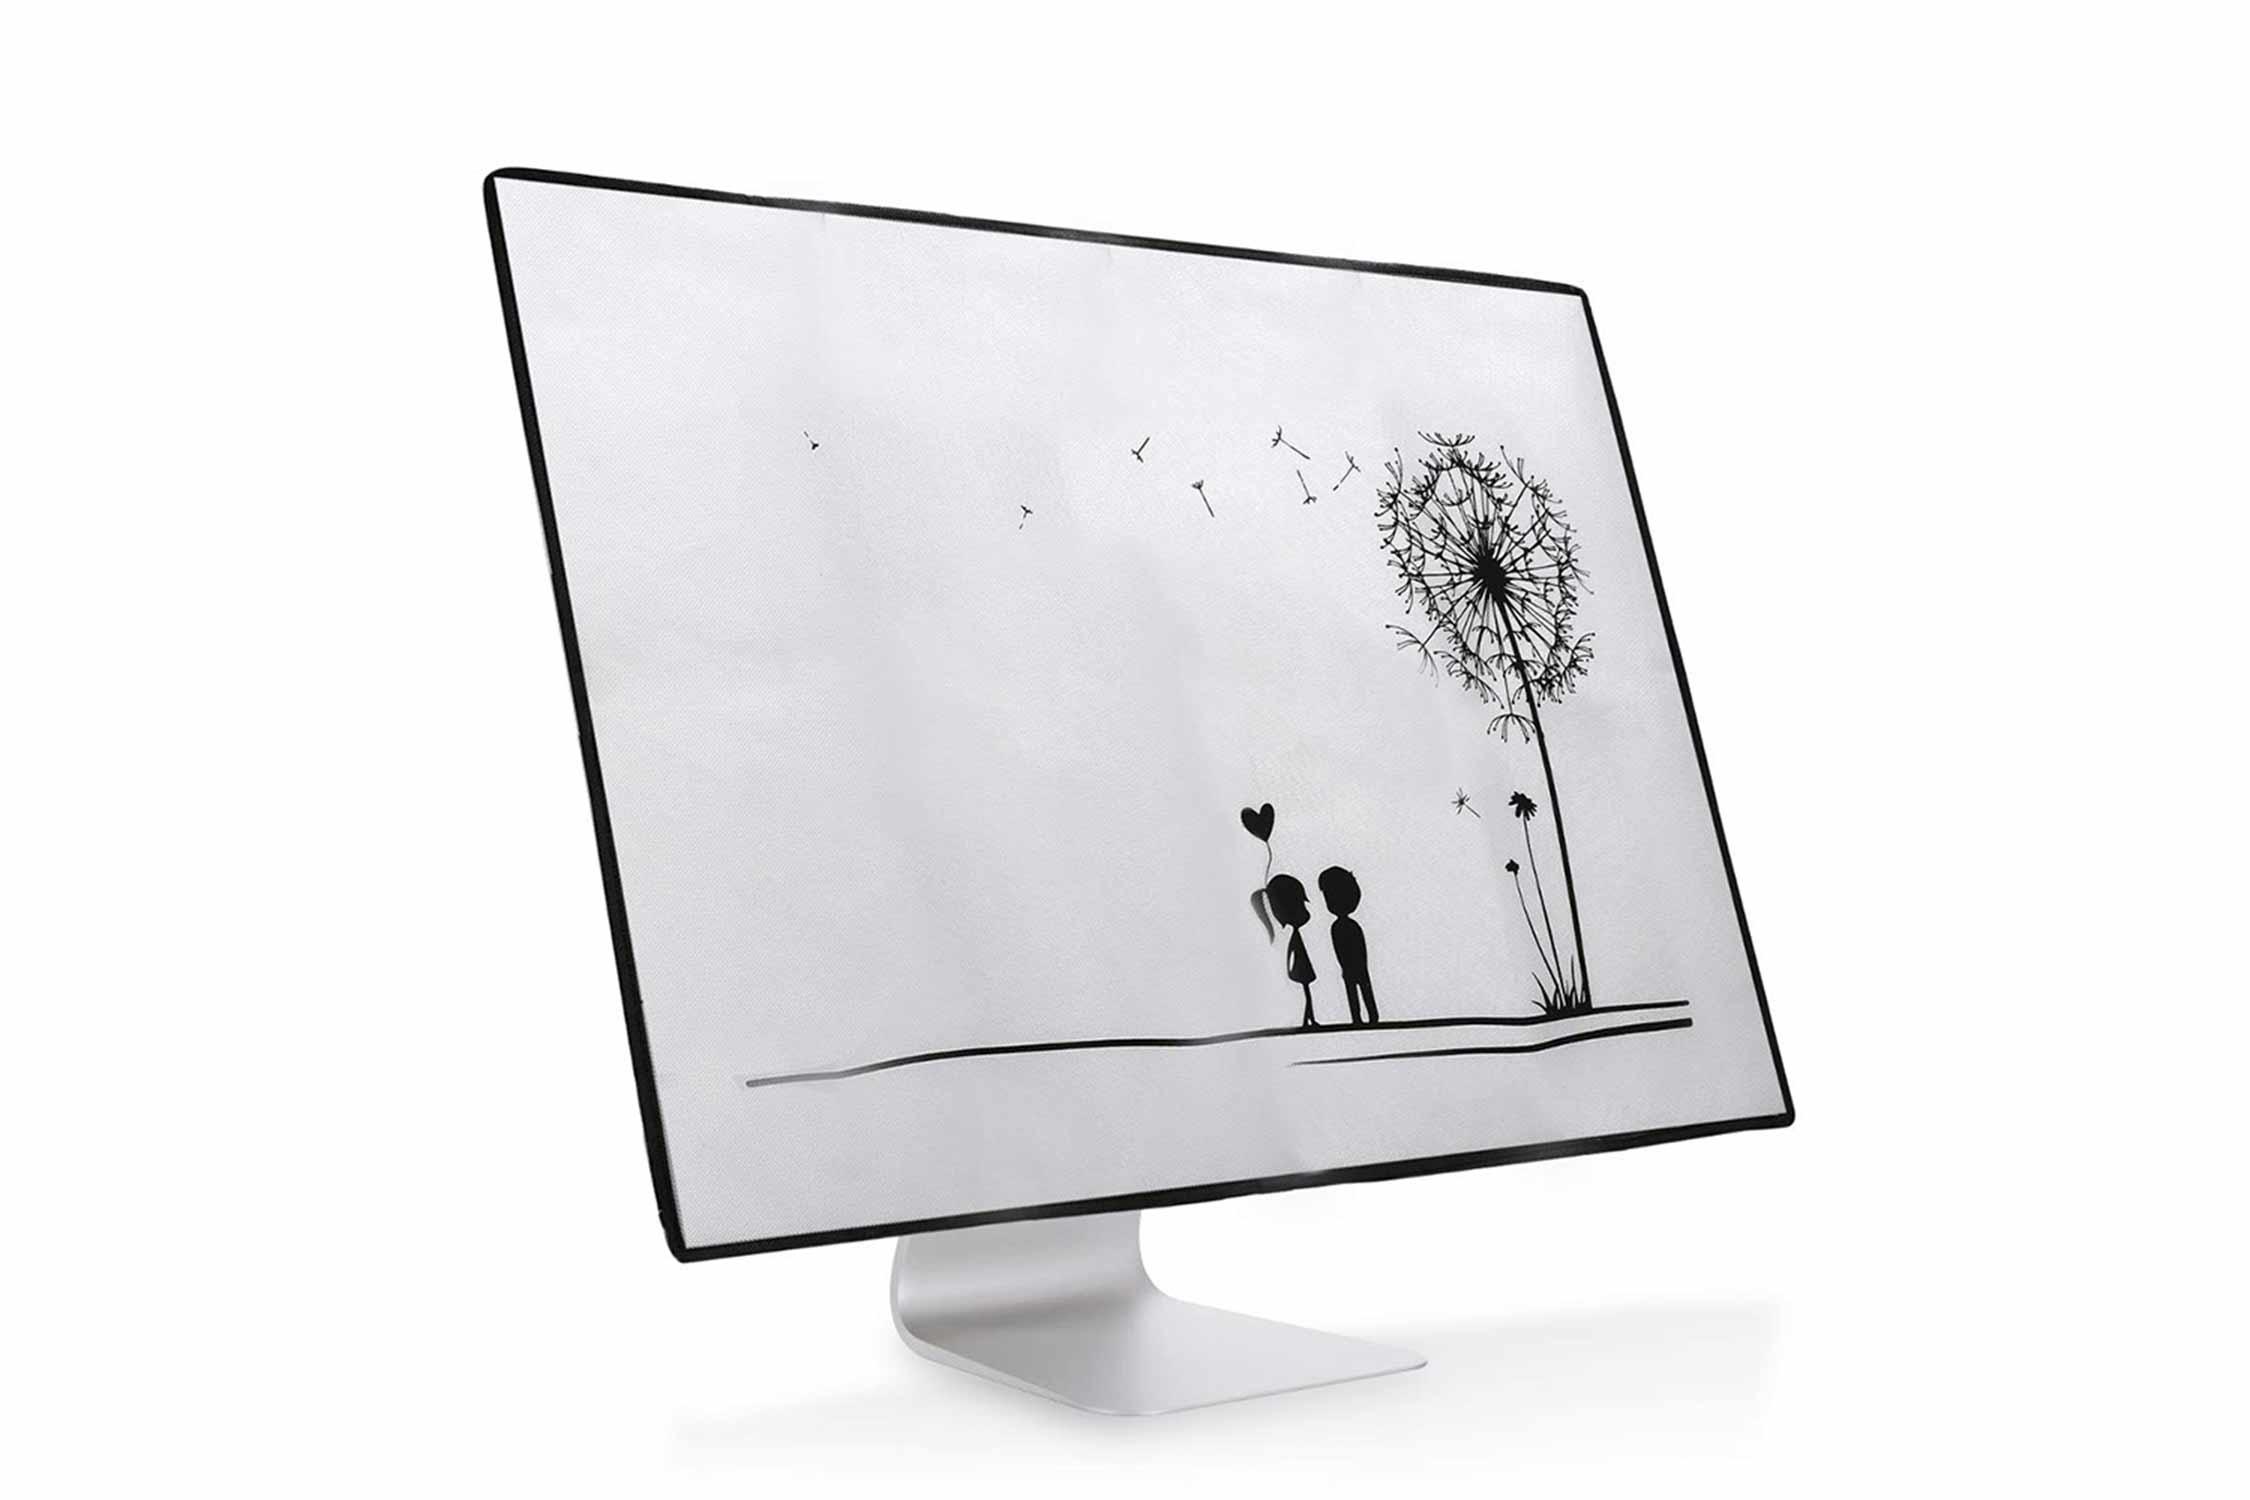 iMac Pro モニターカバー 製品 イメージ